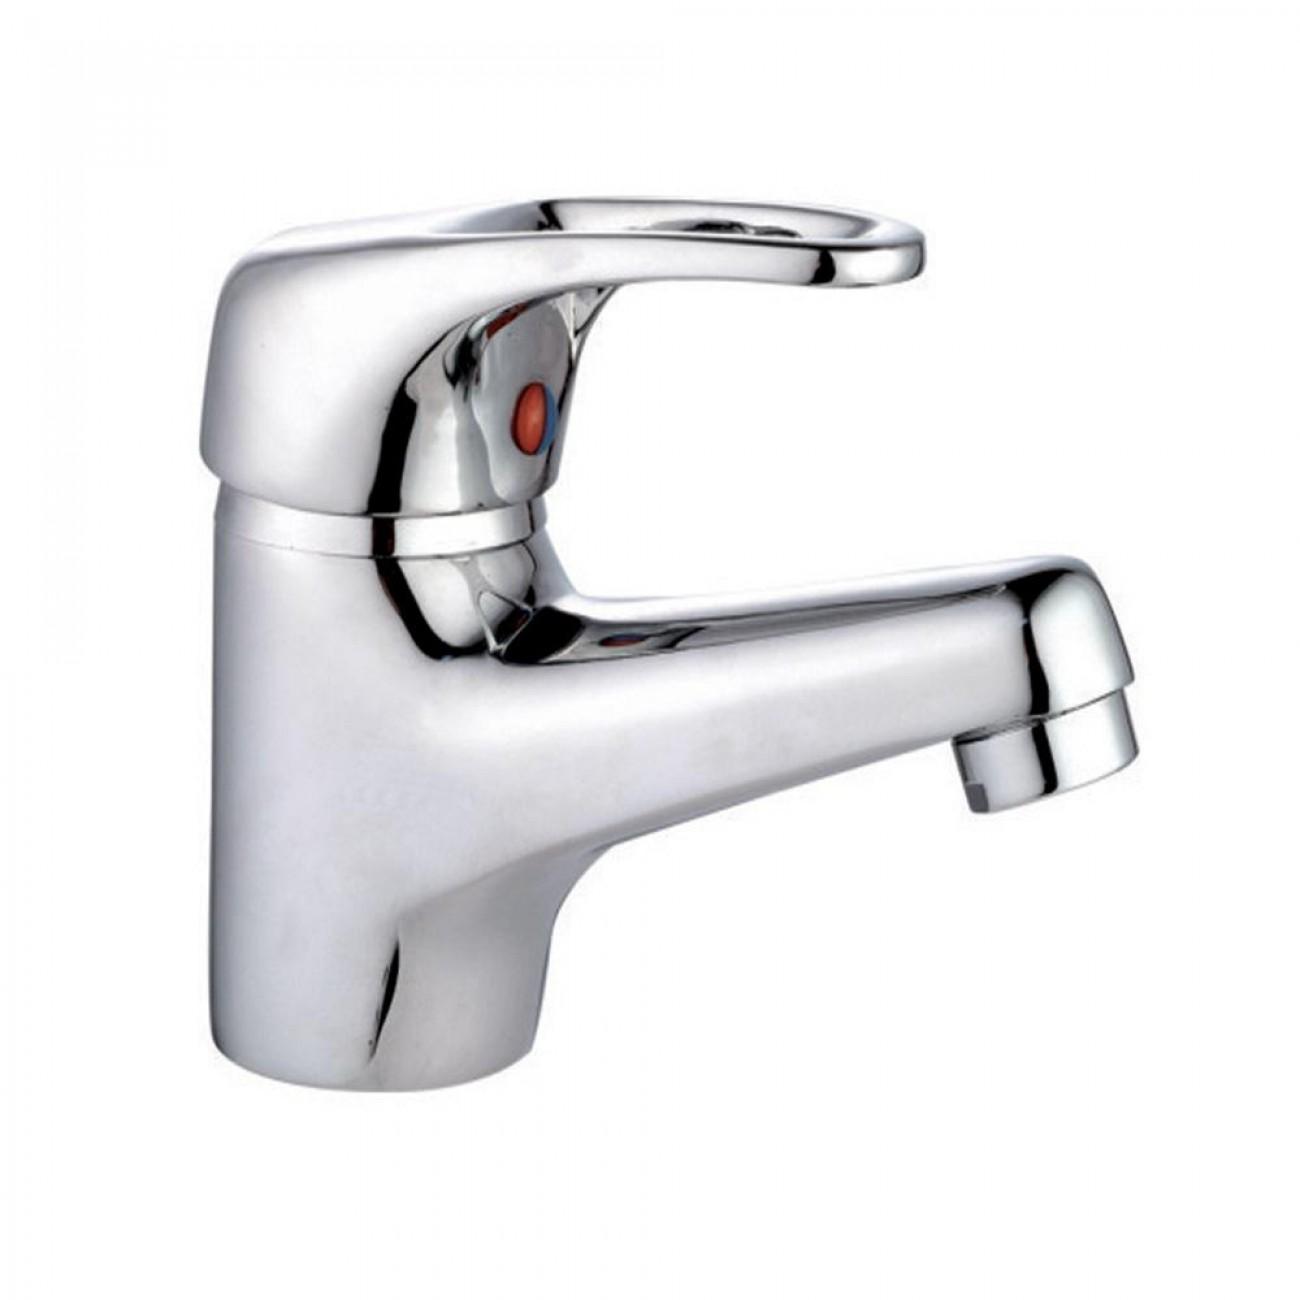 Смесител за баня SAPIR SP 7100 AZ1, Керамичен патрон, Цинк и хром в Смесители за мивки - SAPIR   Alleop